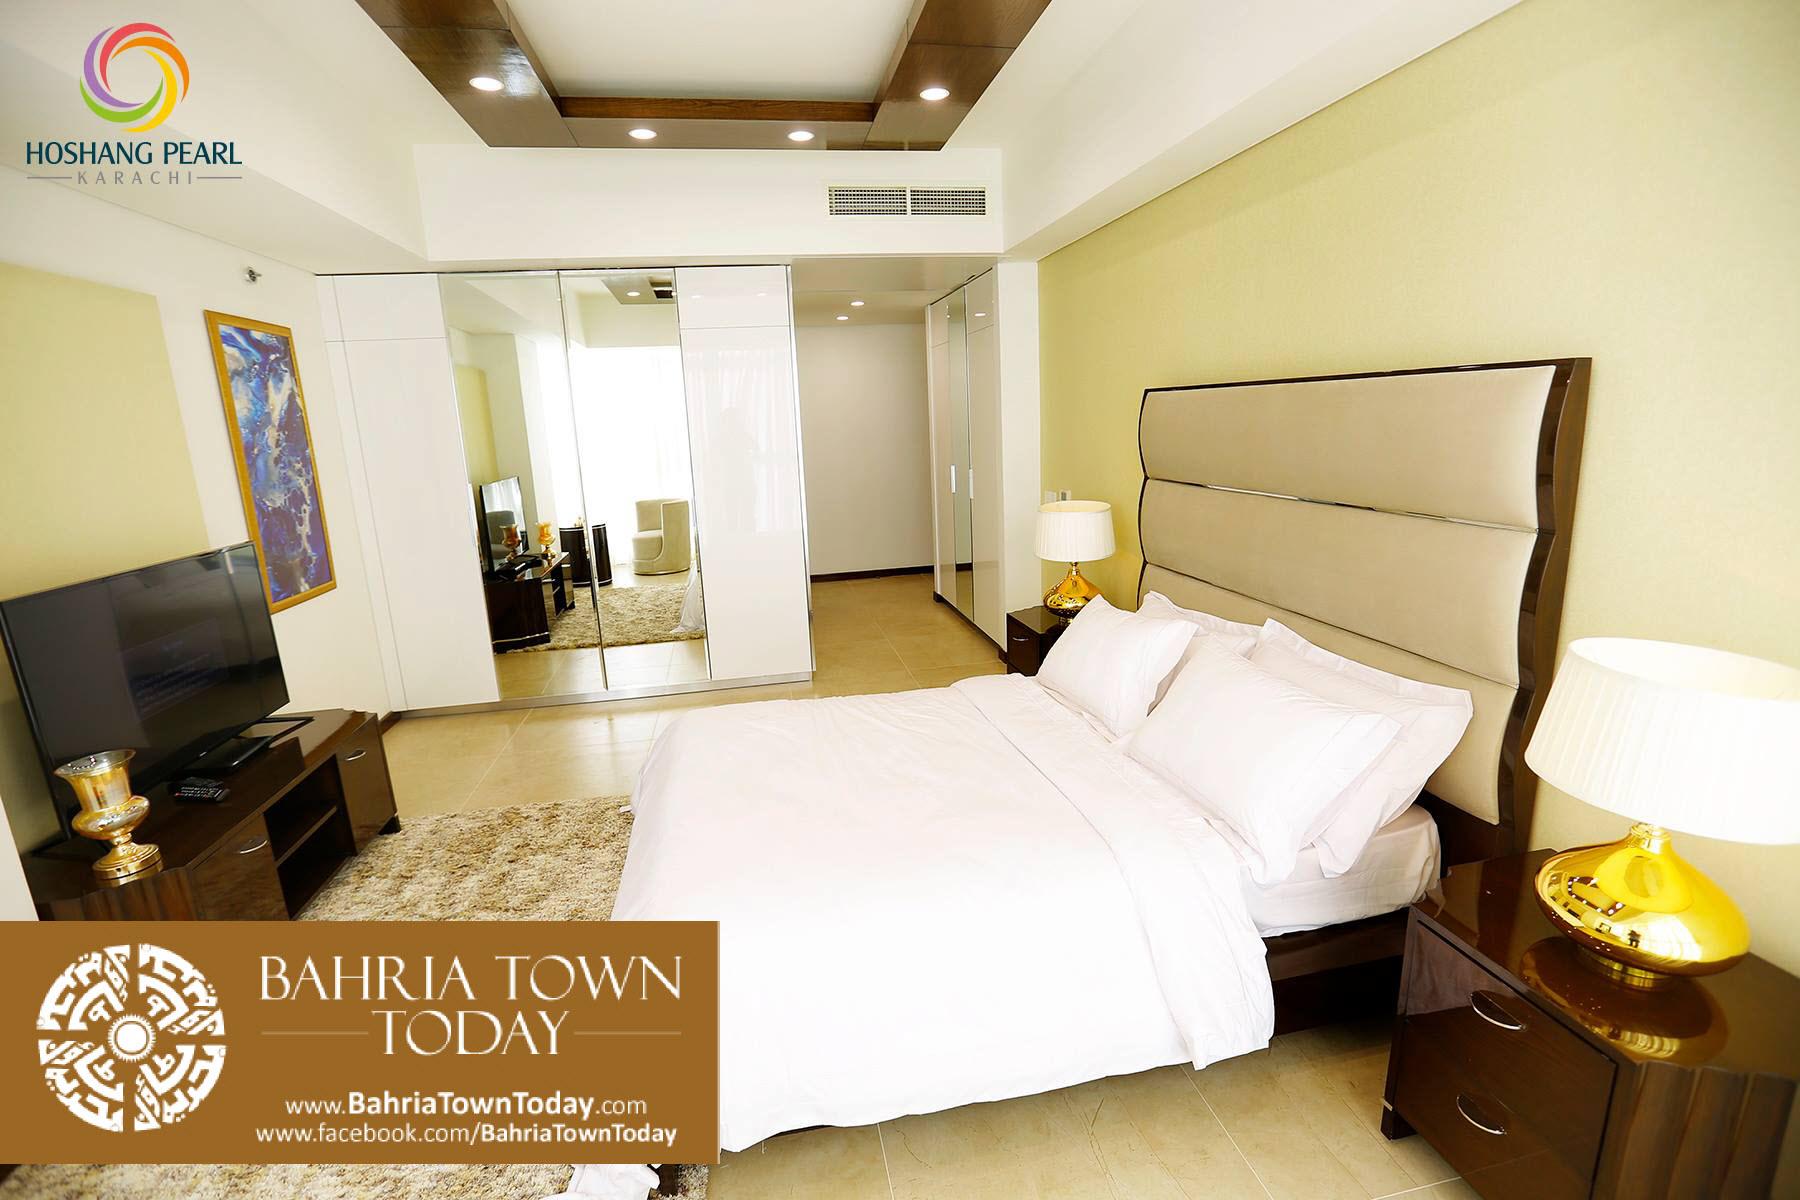 [Model Apartment] Hoshang Pearl Karachi (1)